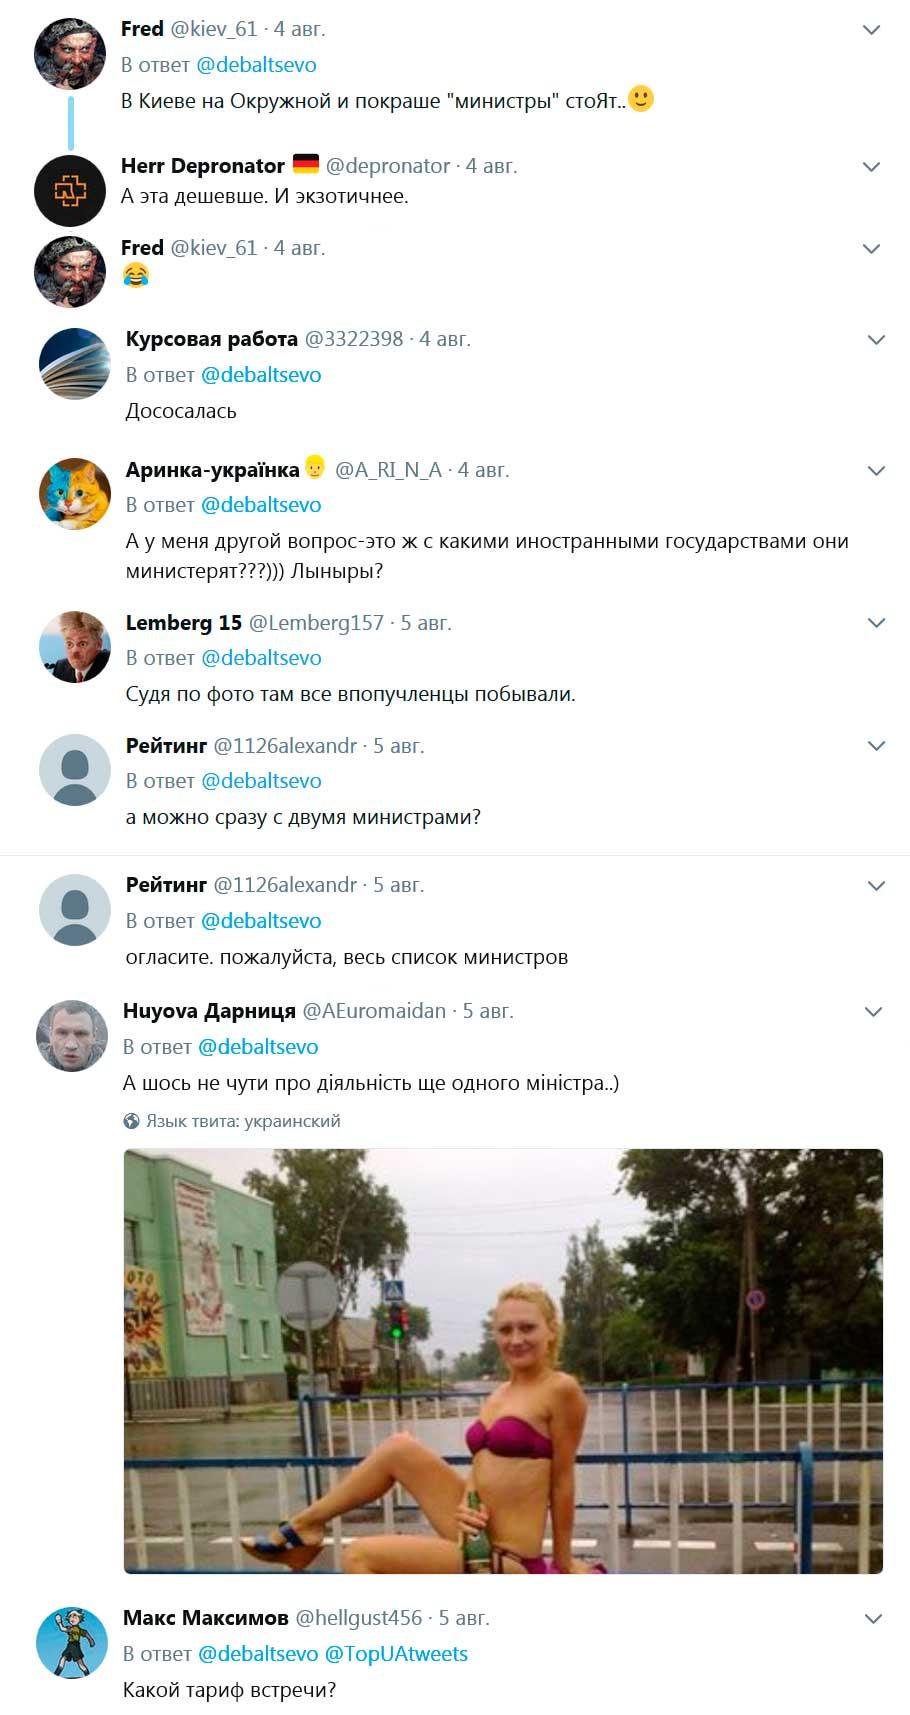 Твиттер про приезд министра